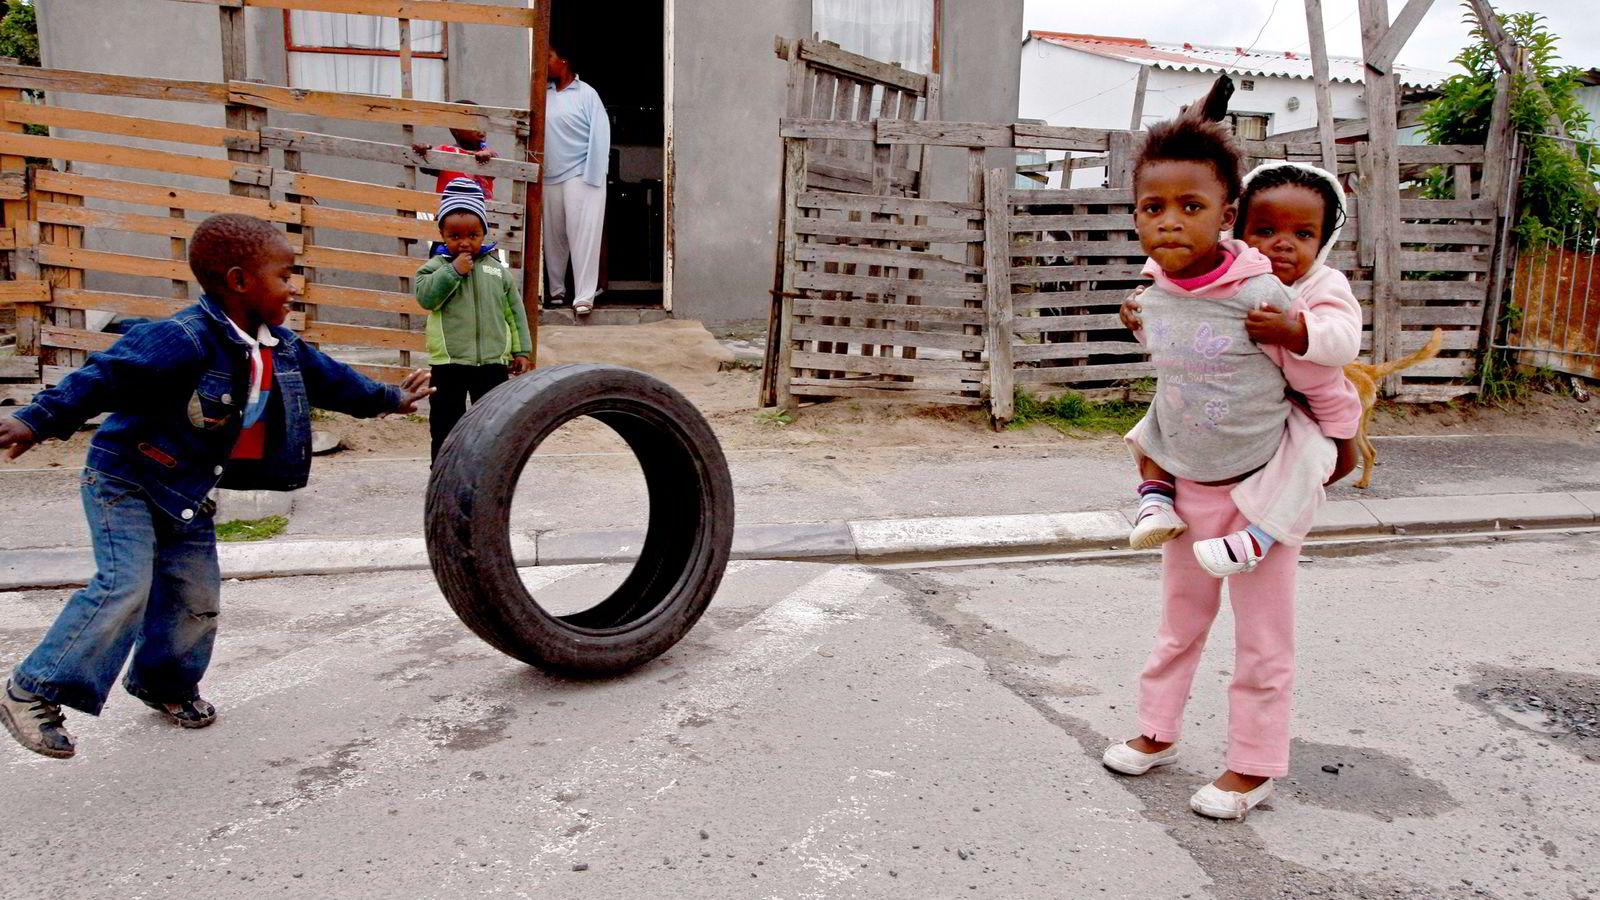 Sør-Afrika trenger omfordeling og kollektiv handling. Landet har urimelig høy fattigdom sett i forhold til inntekten per innbygger. Her fra et fattigstrøk i utkanten av Cape Town. Foto: Schalk van Zuydam/AP/NTB Scanpix